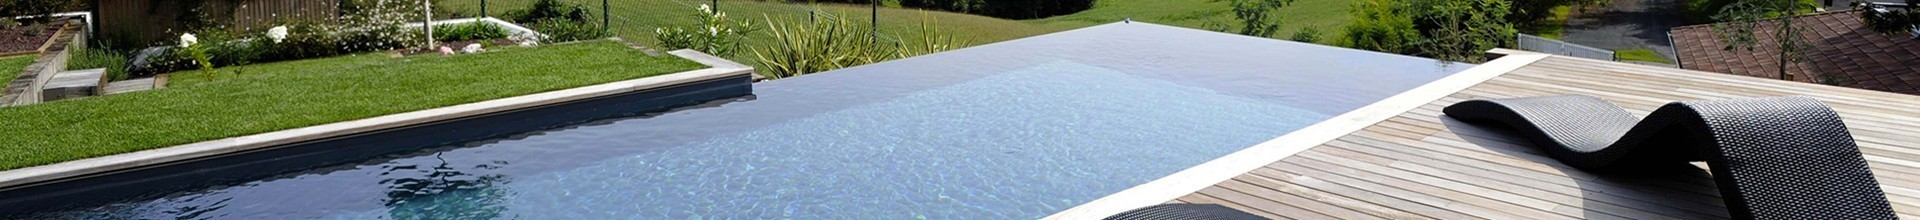 Direct usine, piscine coque prix Landes